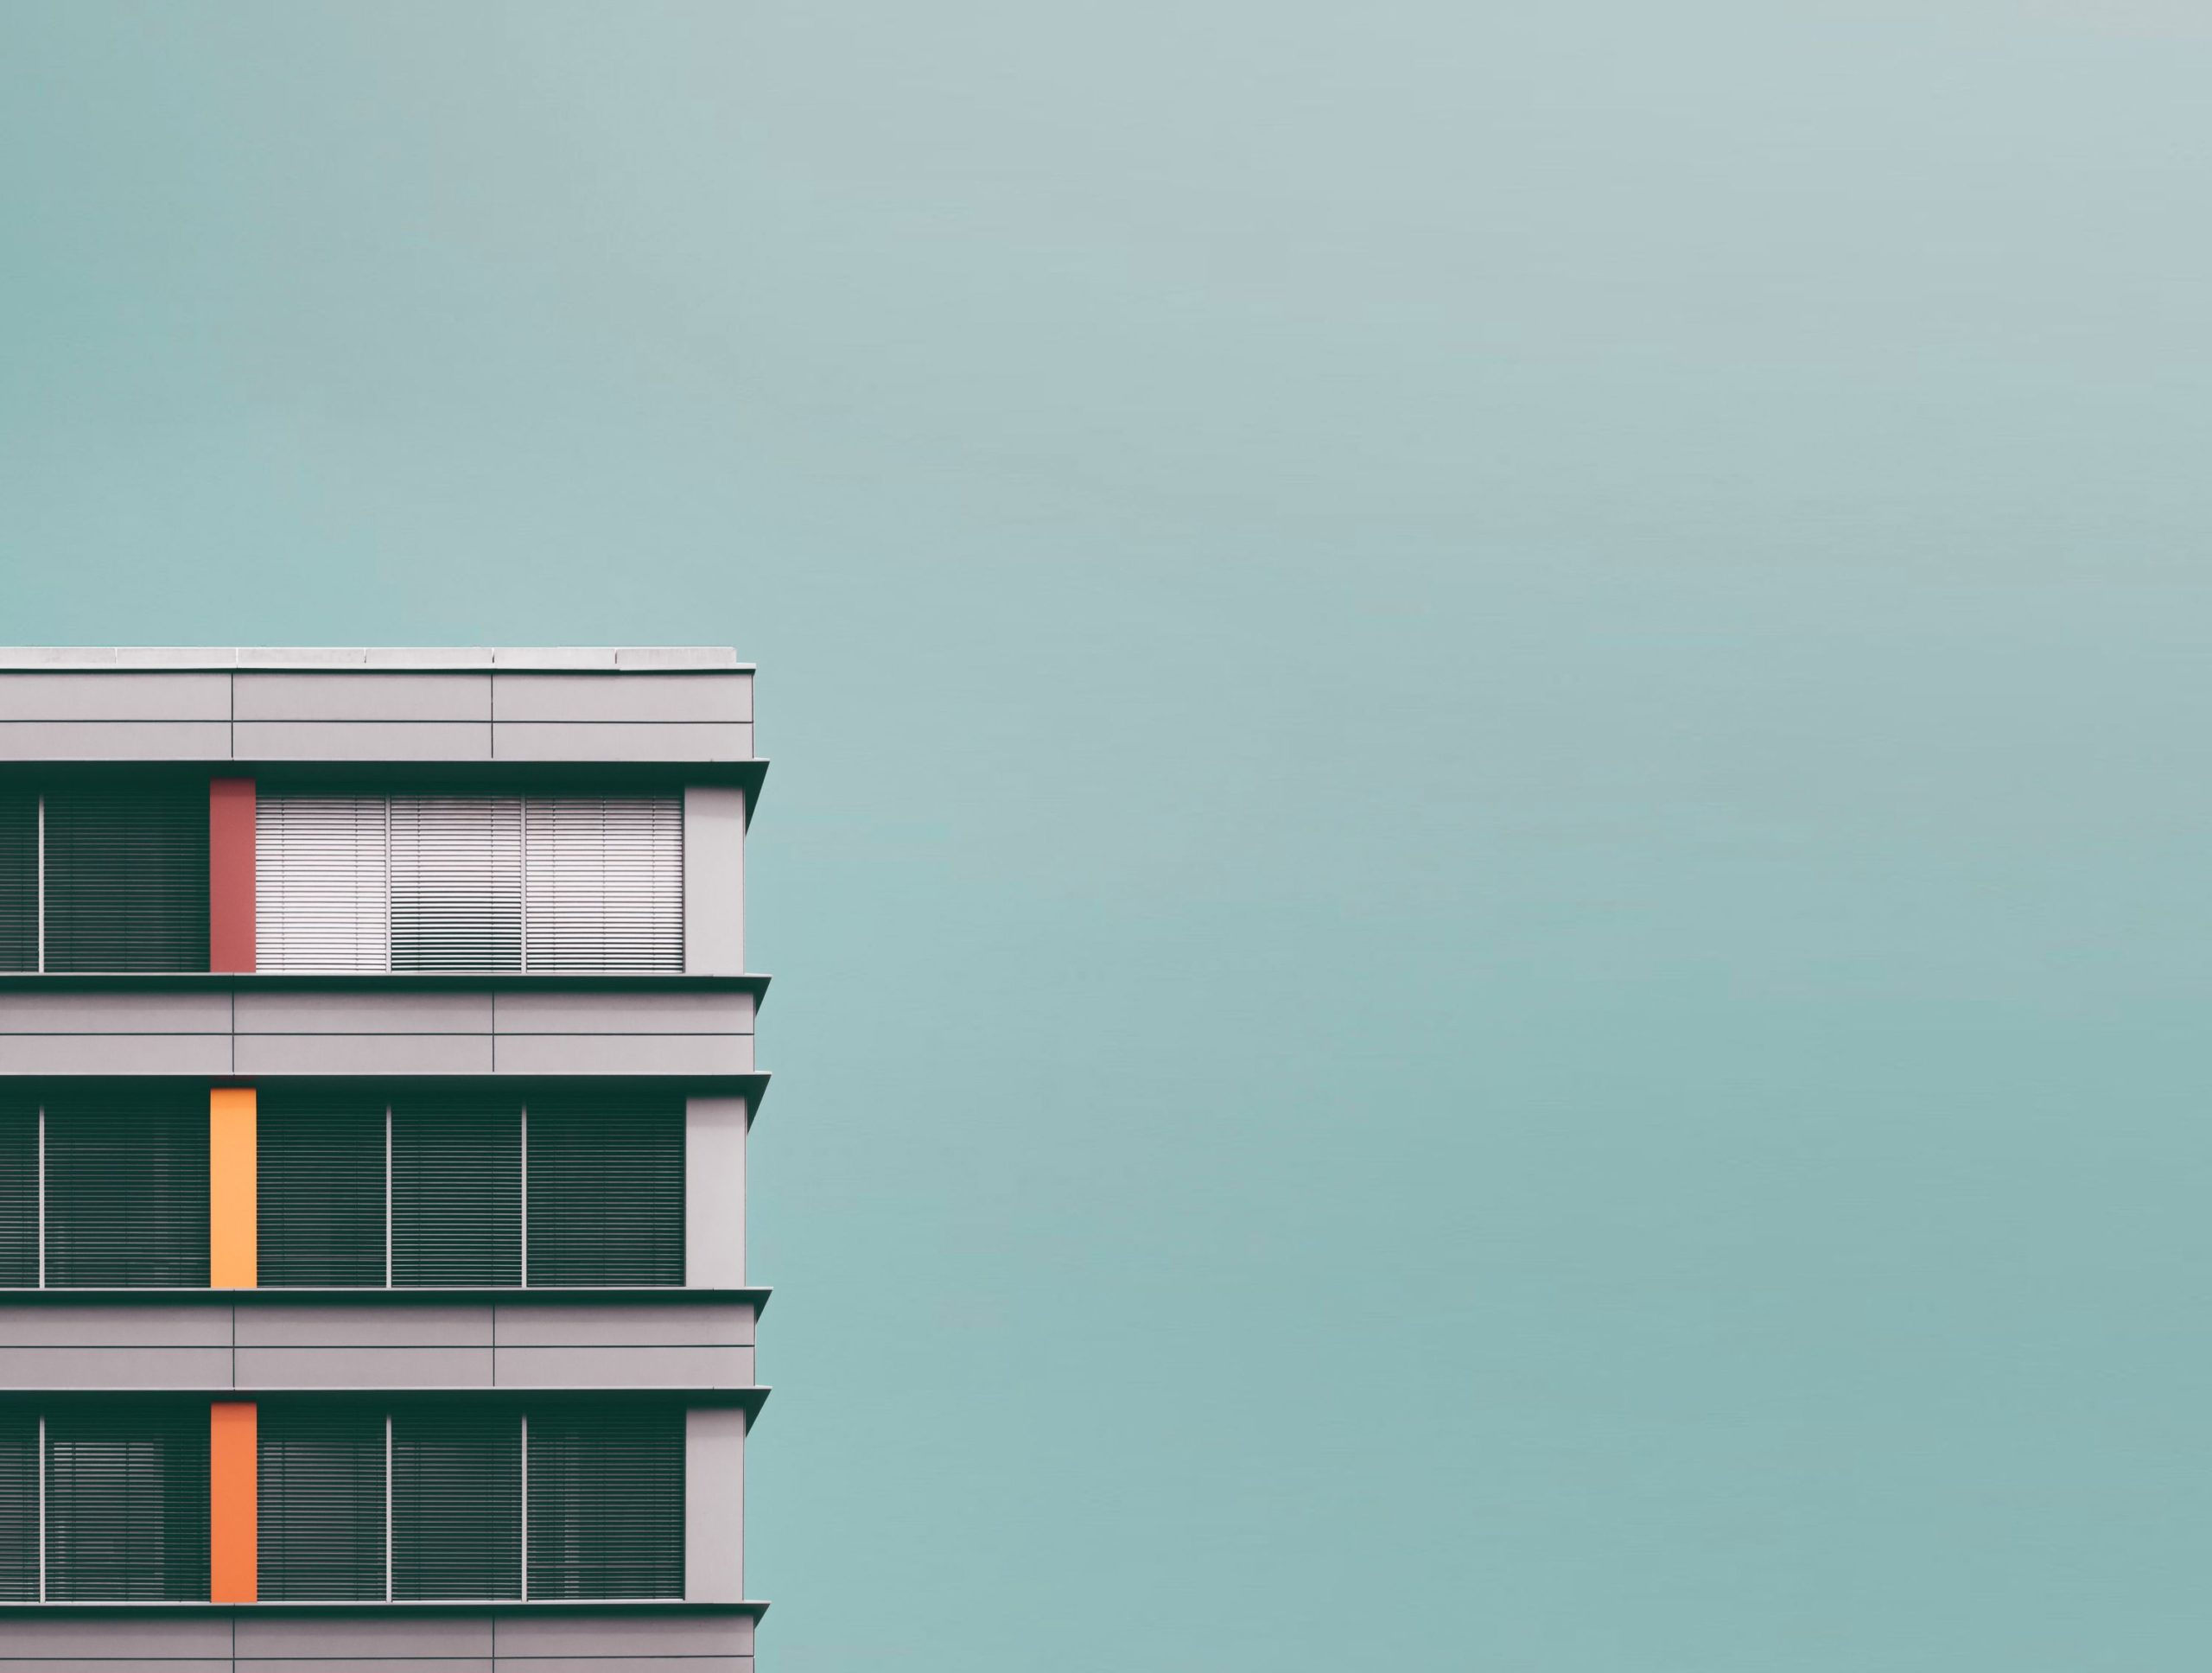 Wyzwania Rynku Nieruchomości